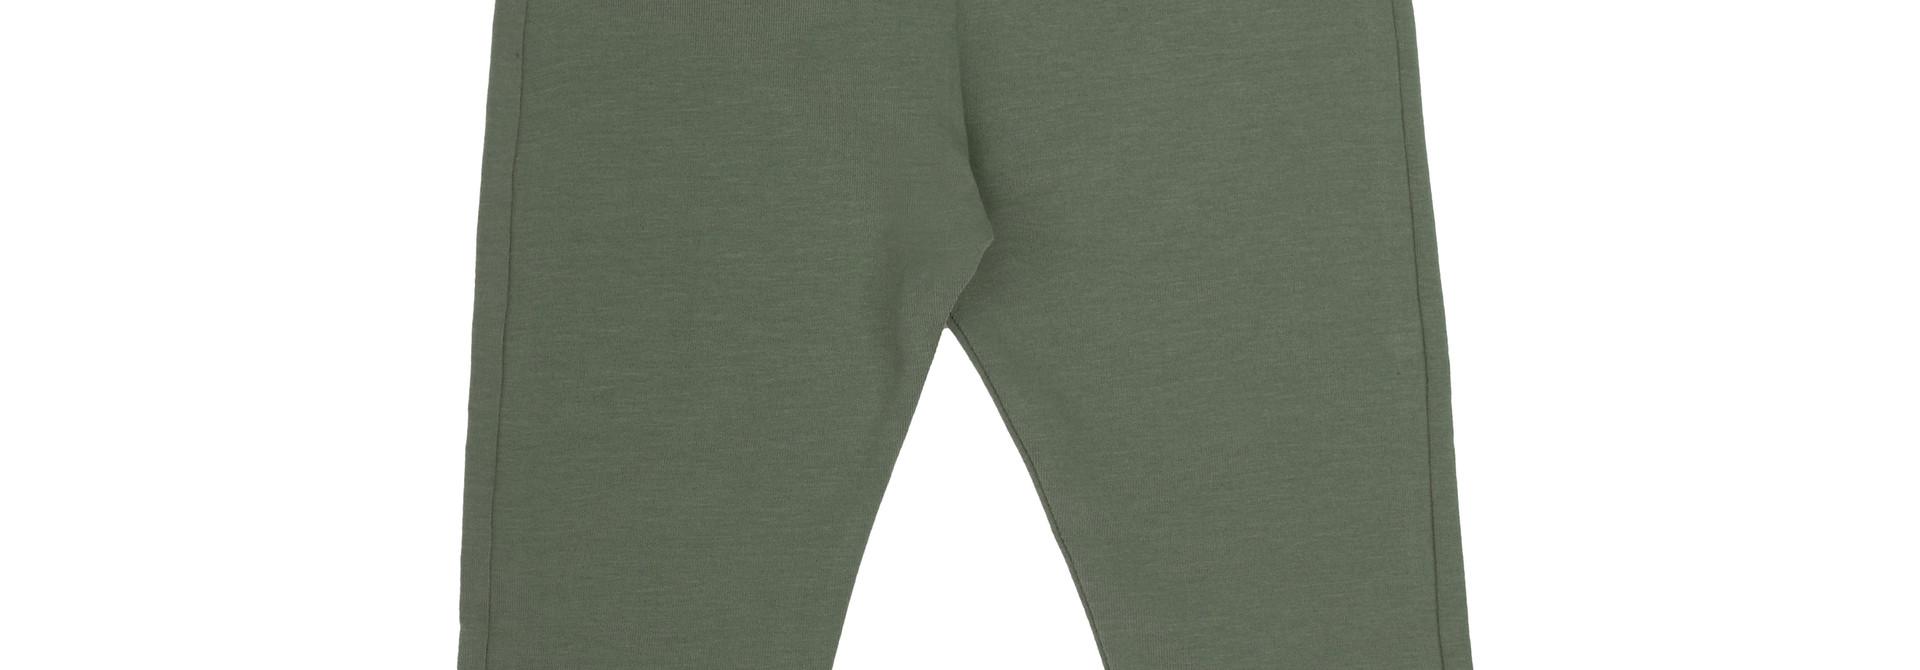 Basic jersey pants - Sage